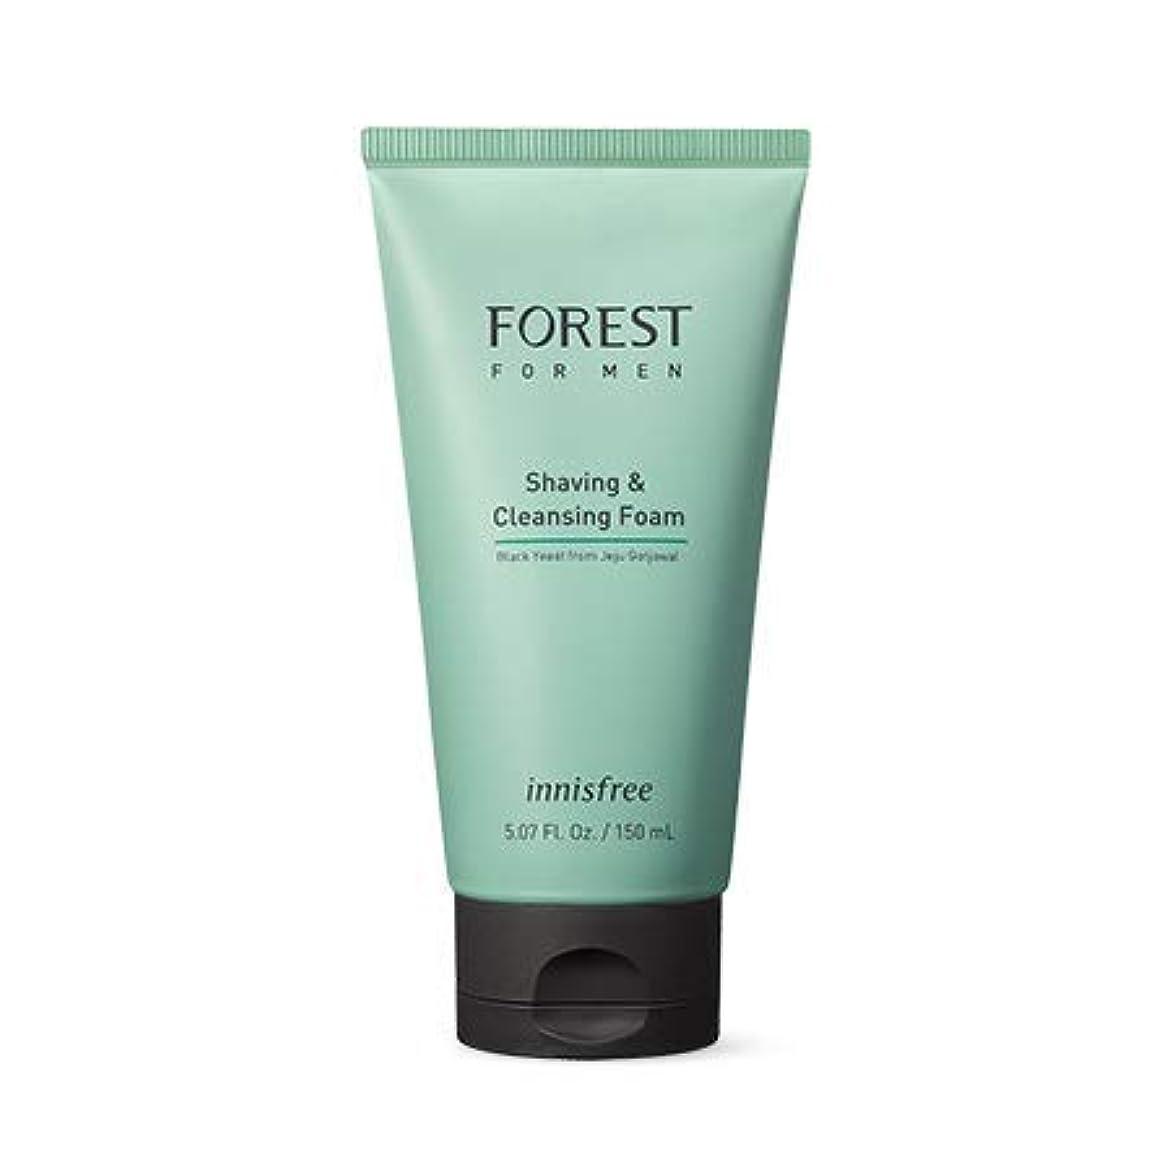 [イニスフリー.innisfree]フォレストフォアマンシェービング&クレンジングフォーム150mL(2019.05新製品)/ Forest for Men Shaving&Cleansing Foam